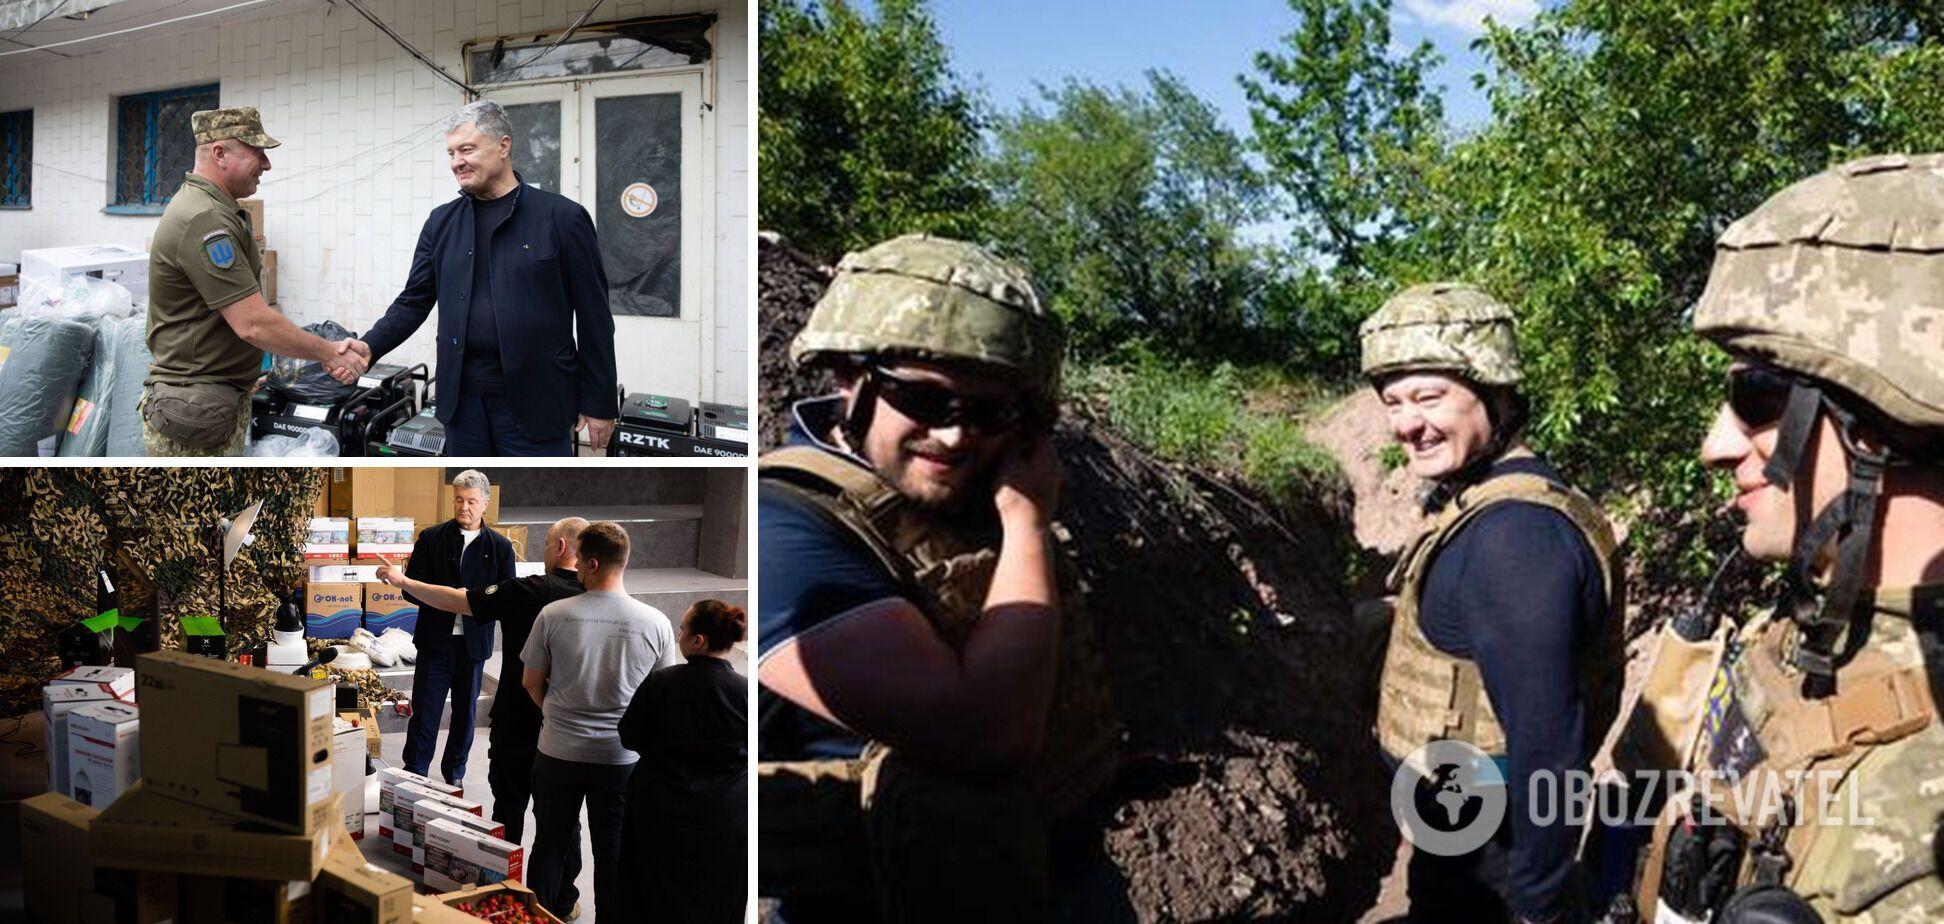 В сети показали центр видеоразведки, который купили волонтеры с Порошенко